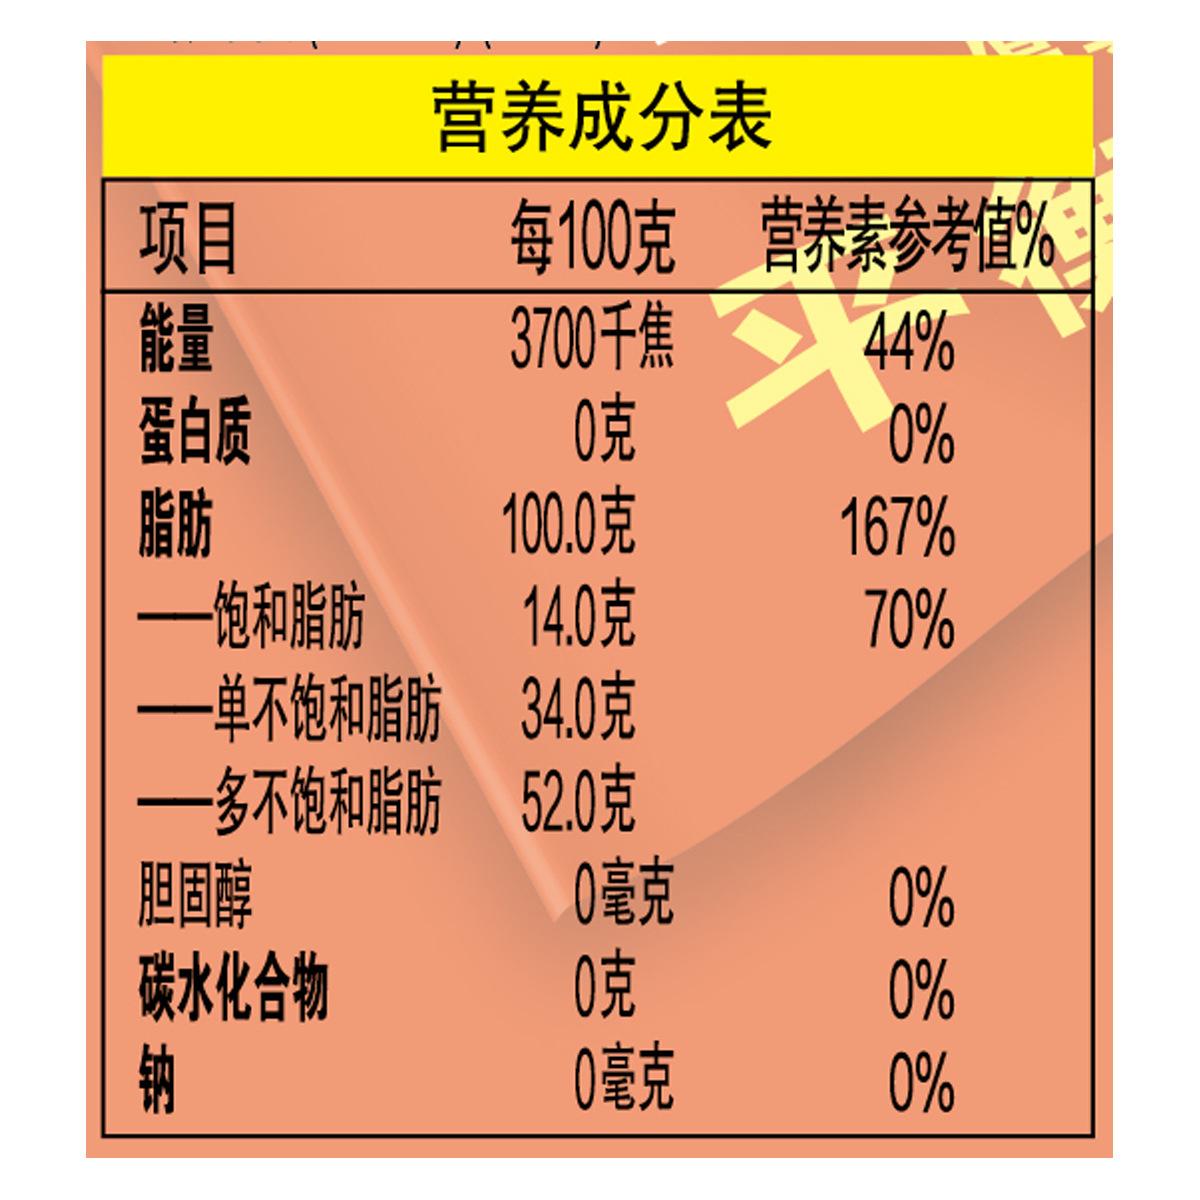 金龙鱼黄金比例食用调和油2.5L家用食用油菜籽油色拉油炒菜植物油